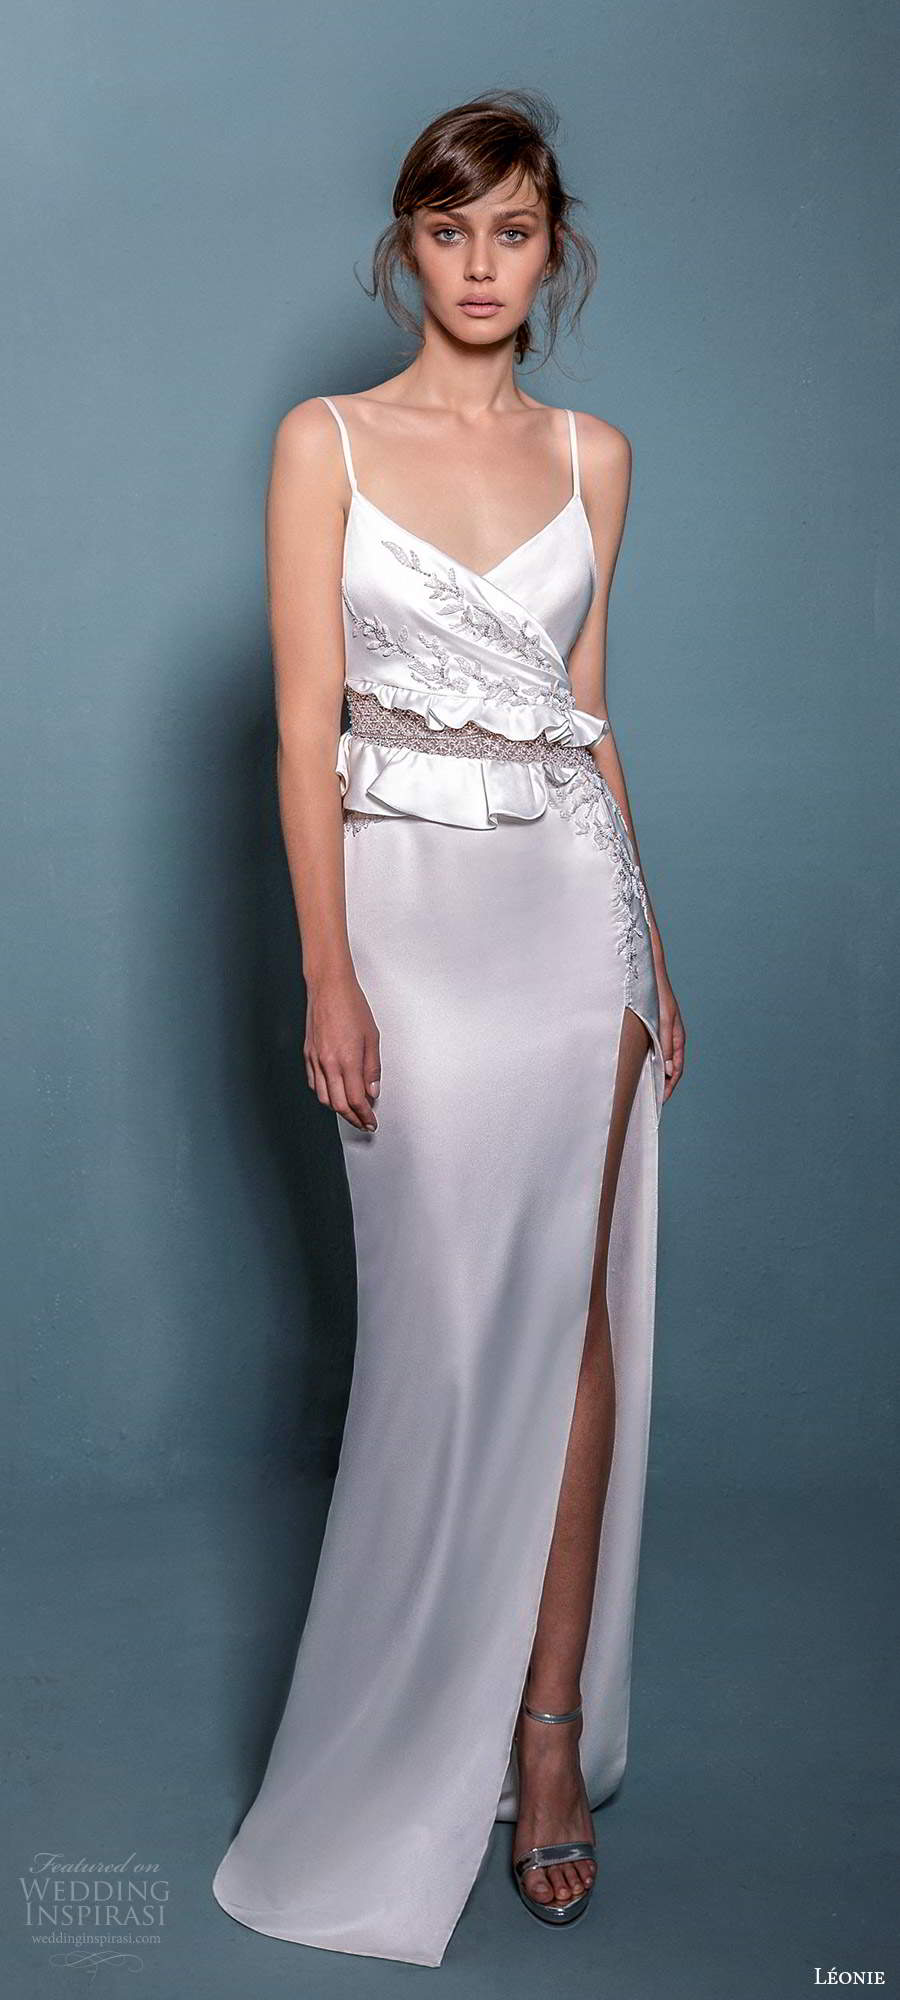 leonie bridal 2020 bridal sleeveless thin straps surplice v neckline embellished bodice sheath wedding dress slit skirt (9) mv